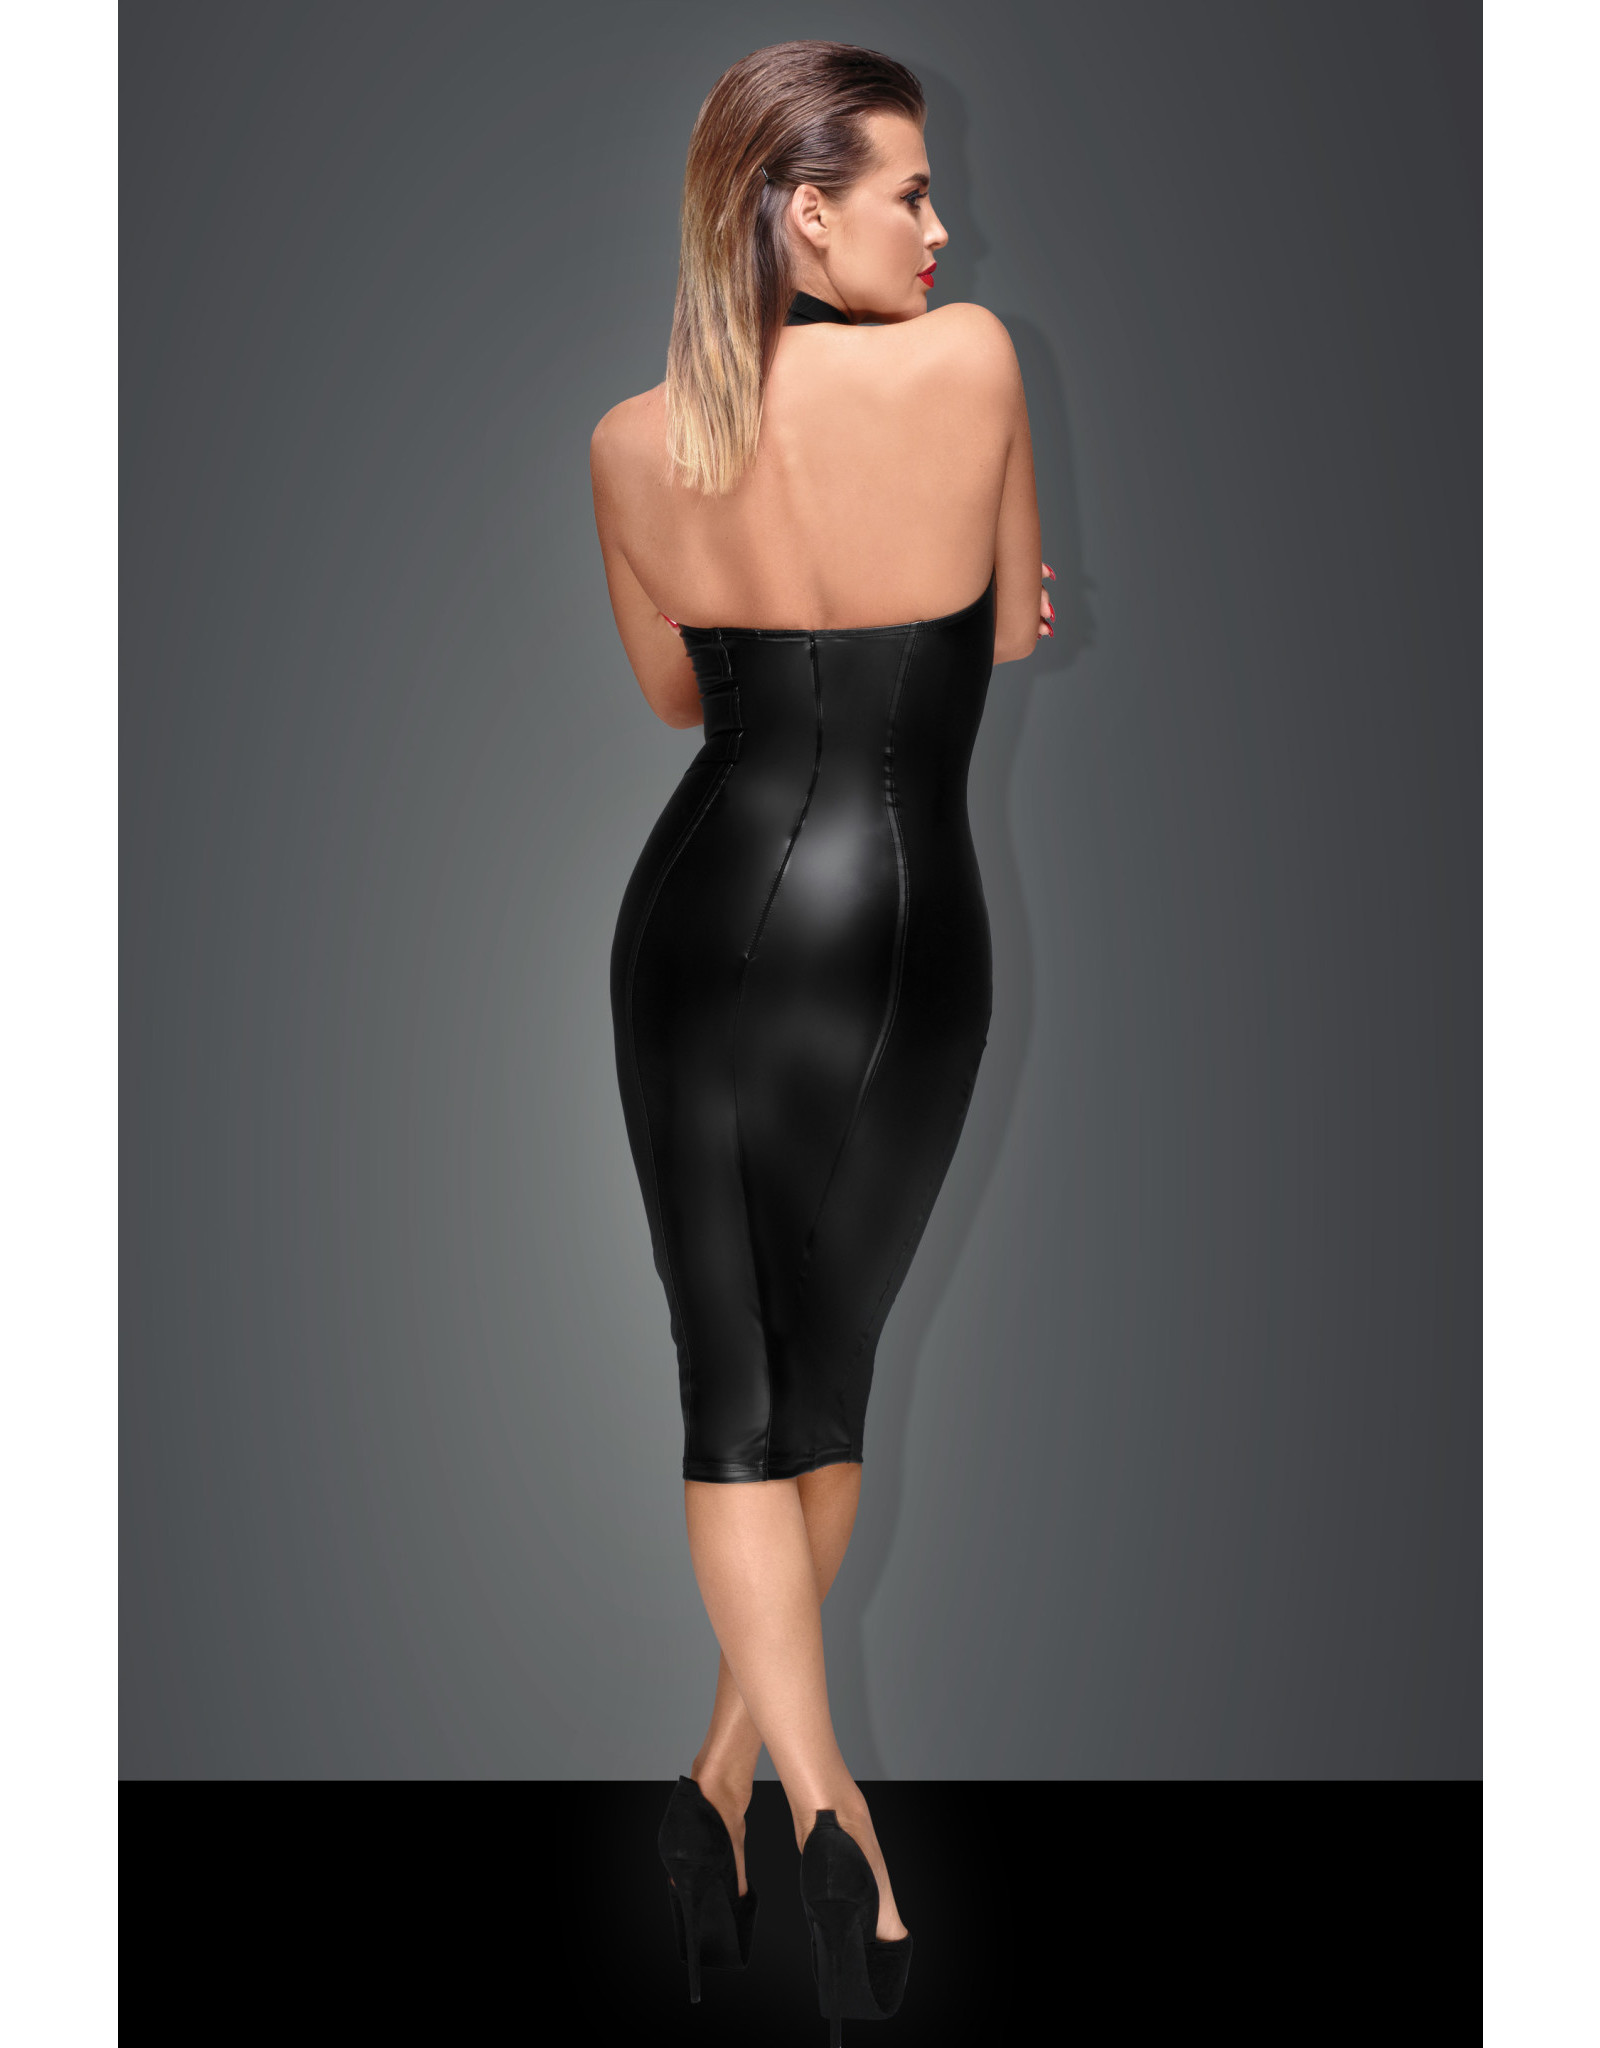 NOIR HANDMADE - POWER WET LOOK PENCIL DRESS - LARGE